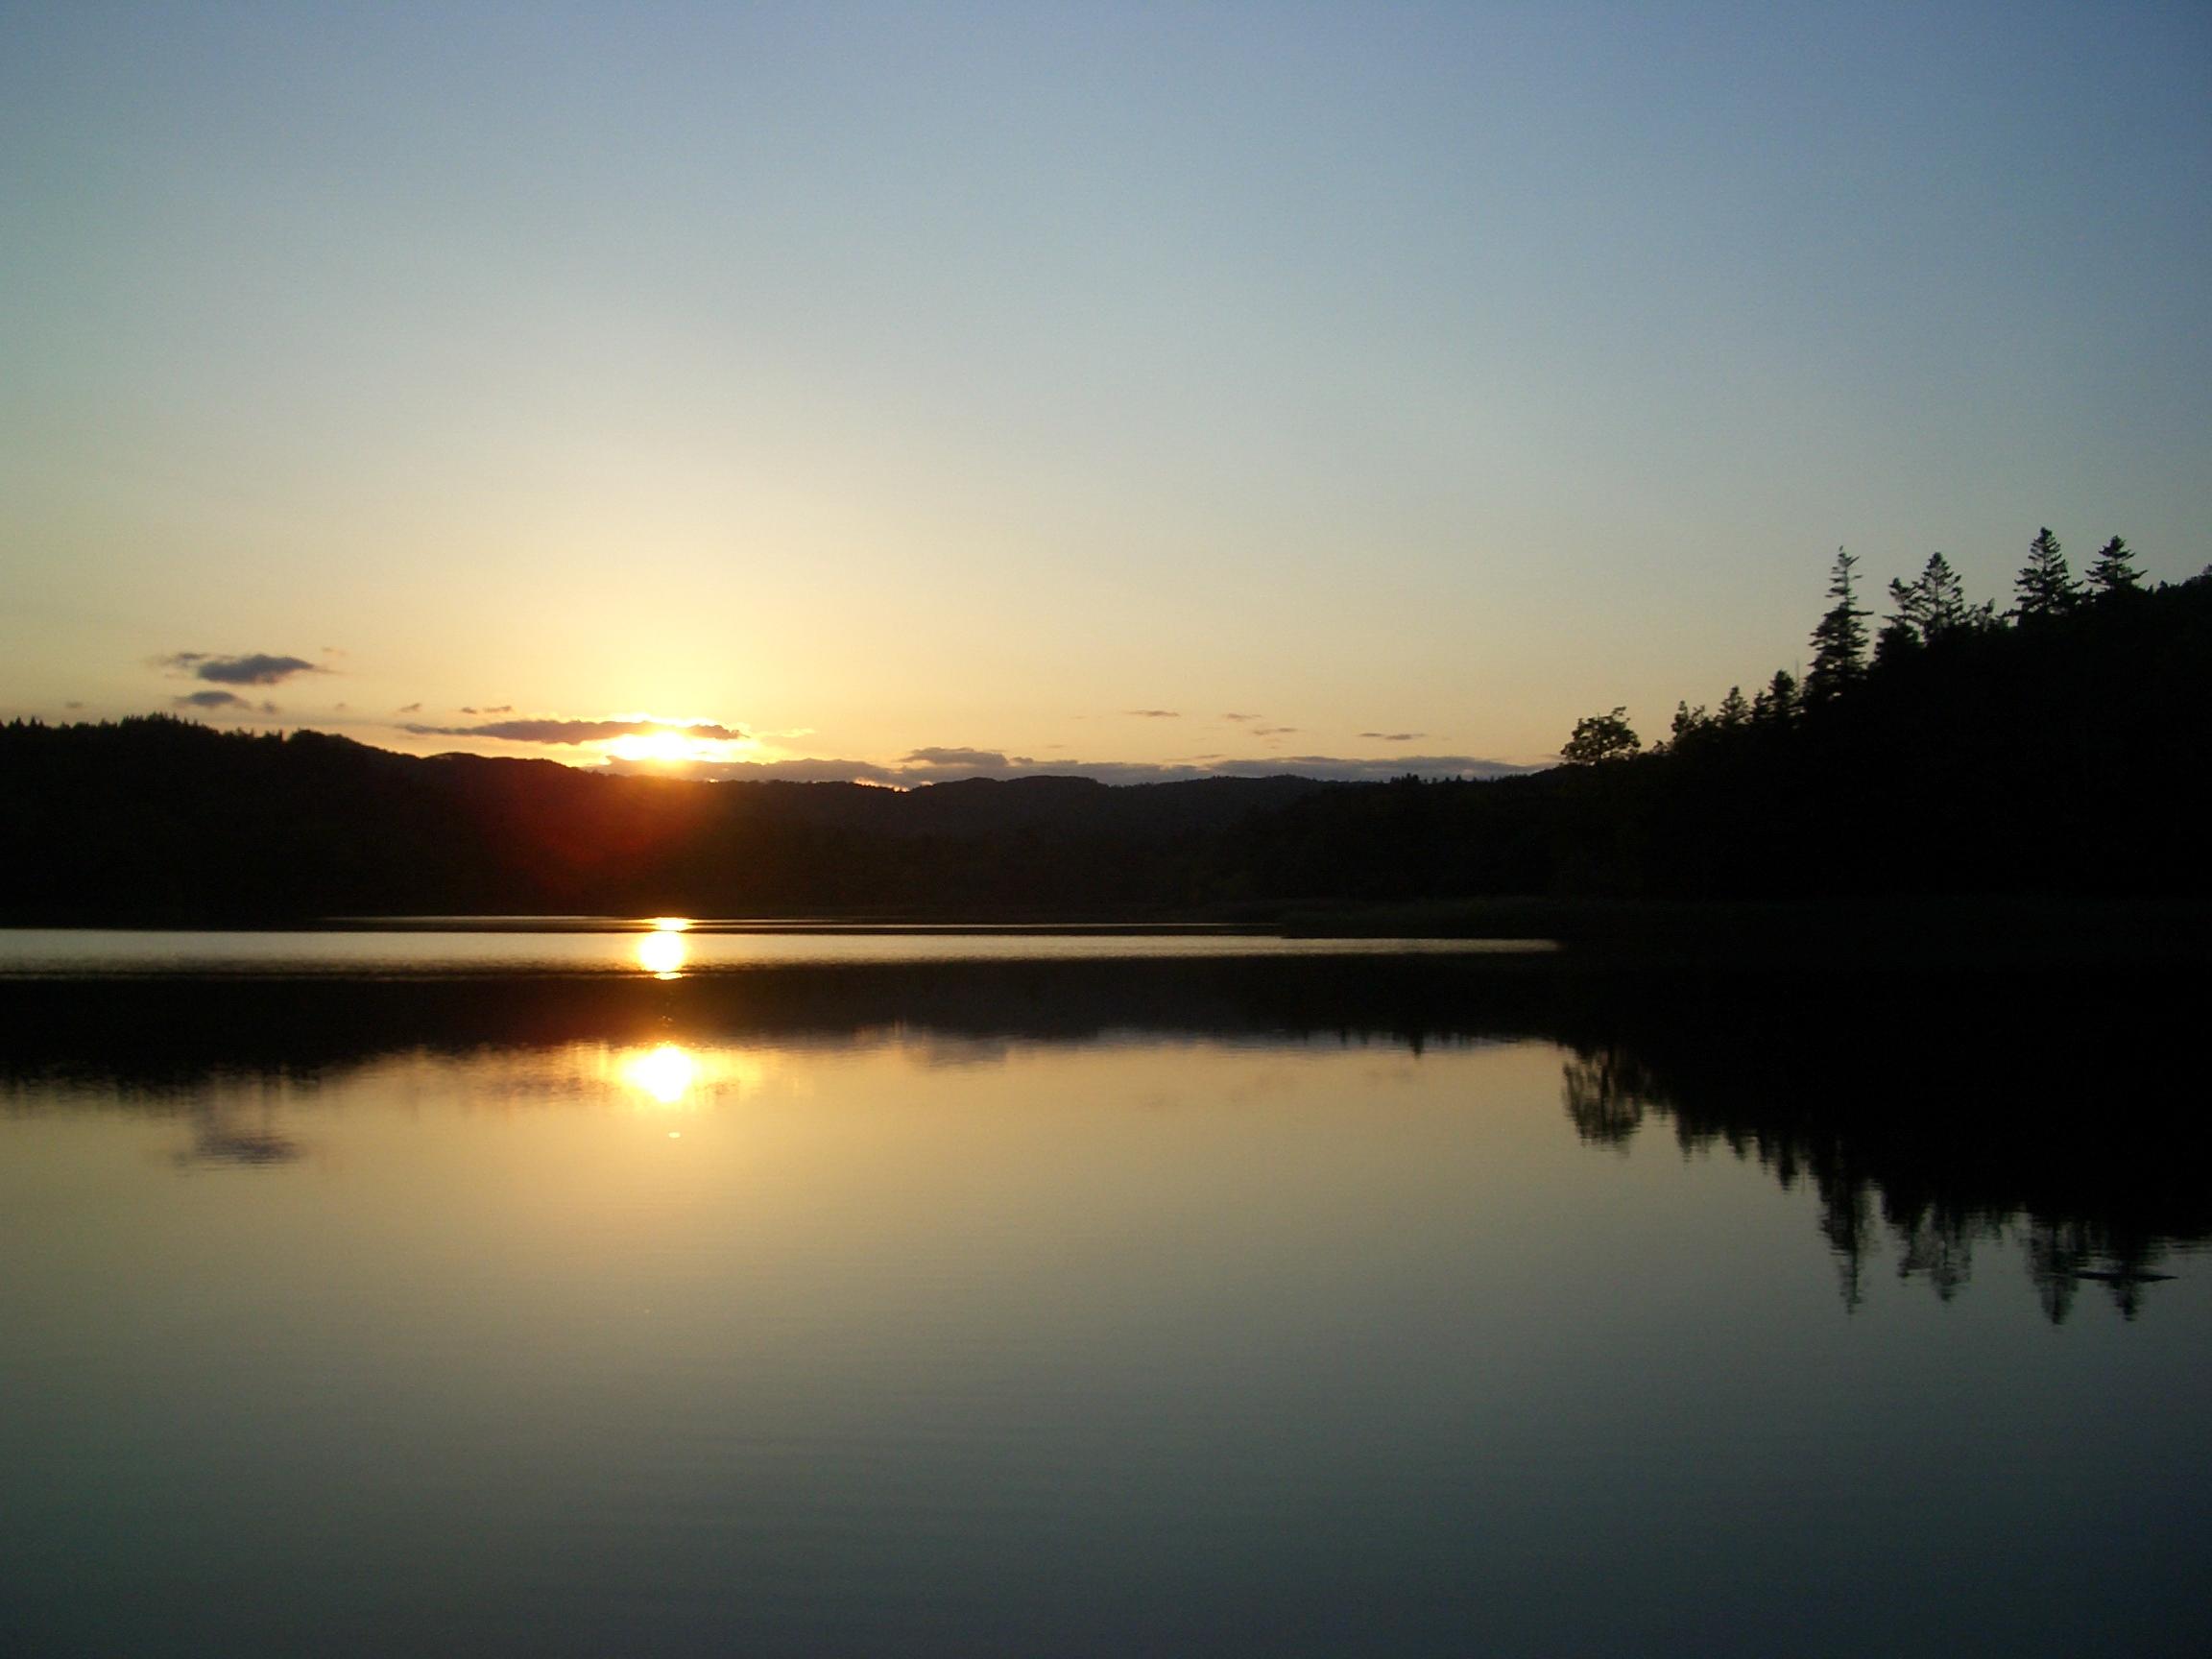 夕暮れのチミケップ湖